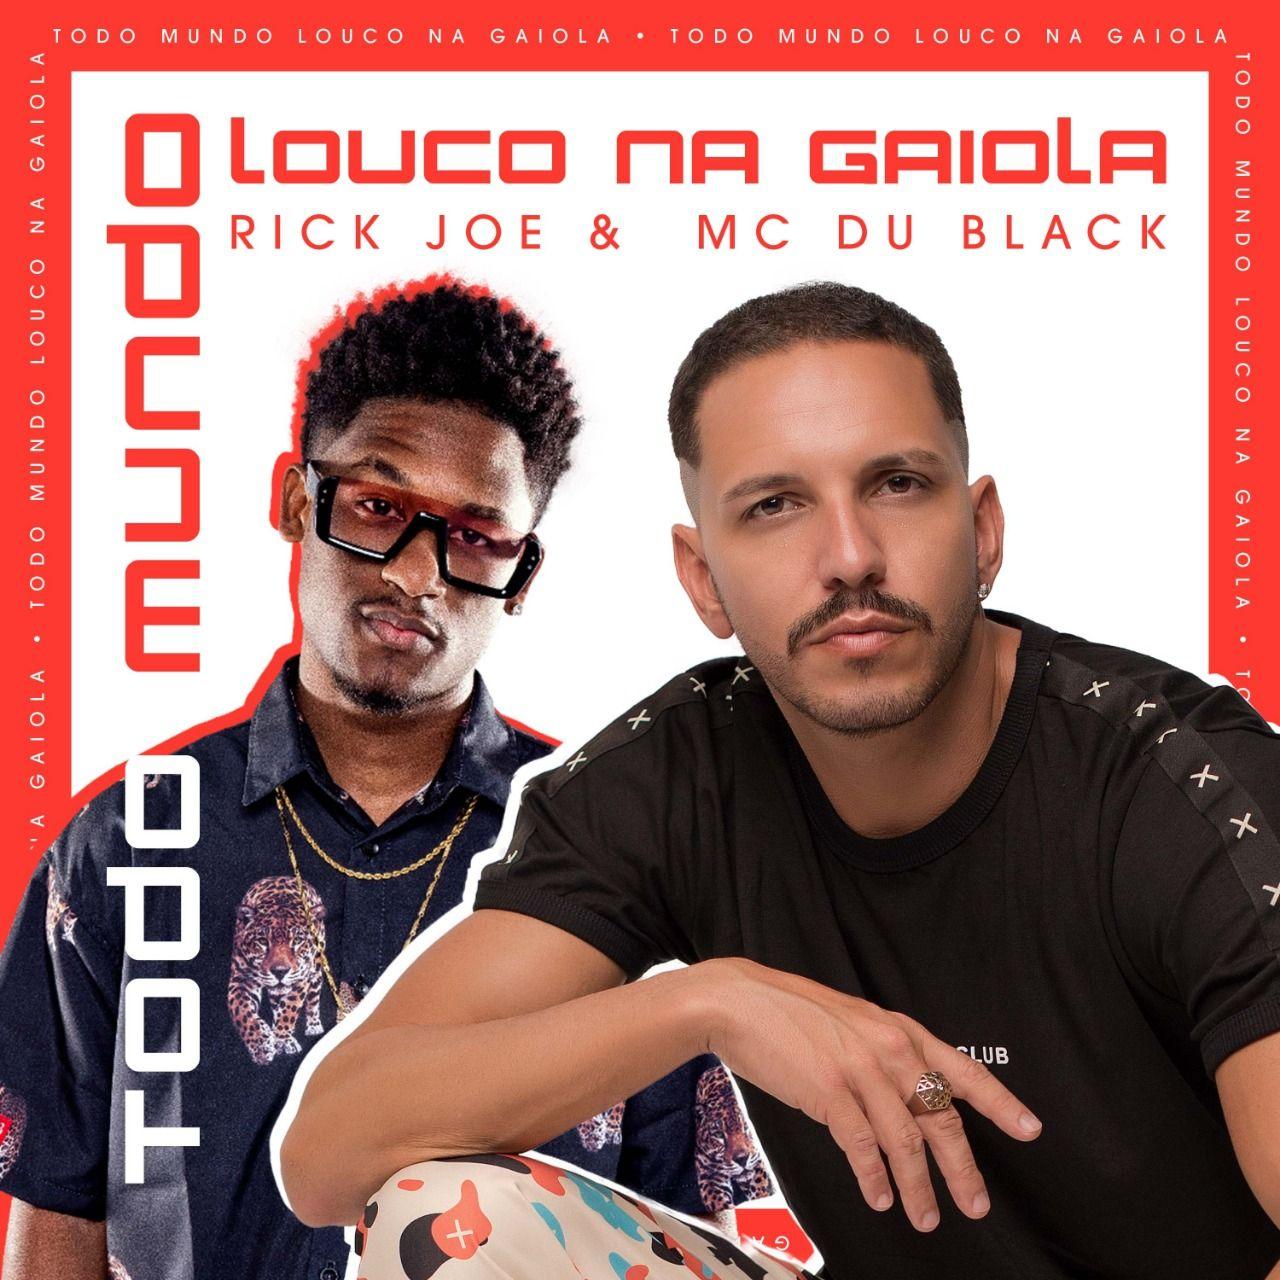 Capa do single Todo Mundo Louco Na Gaiola (Part. MC Du Black), do Rick Joe